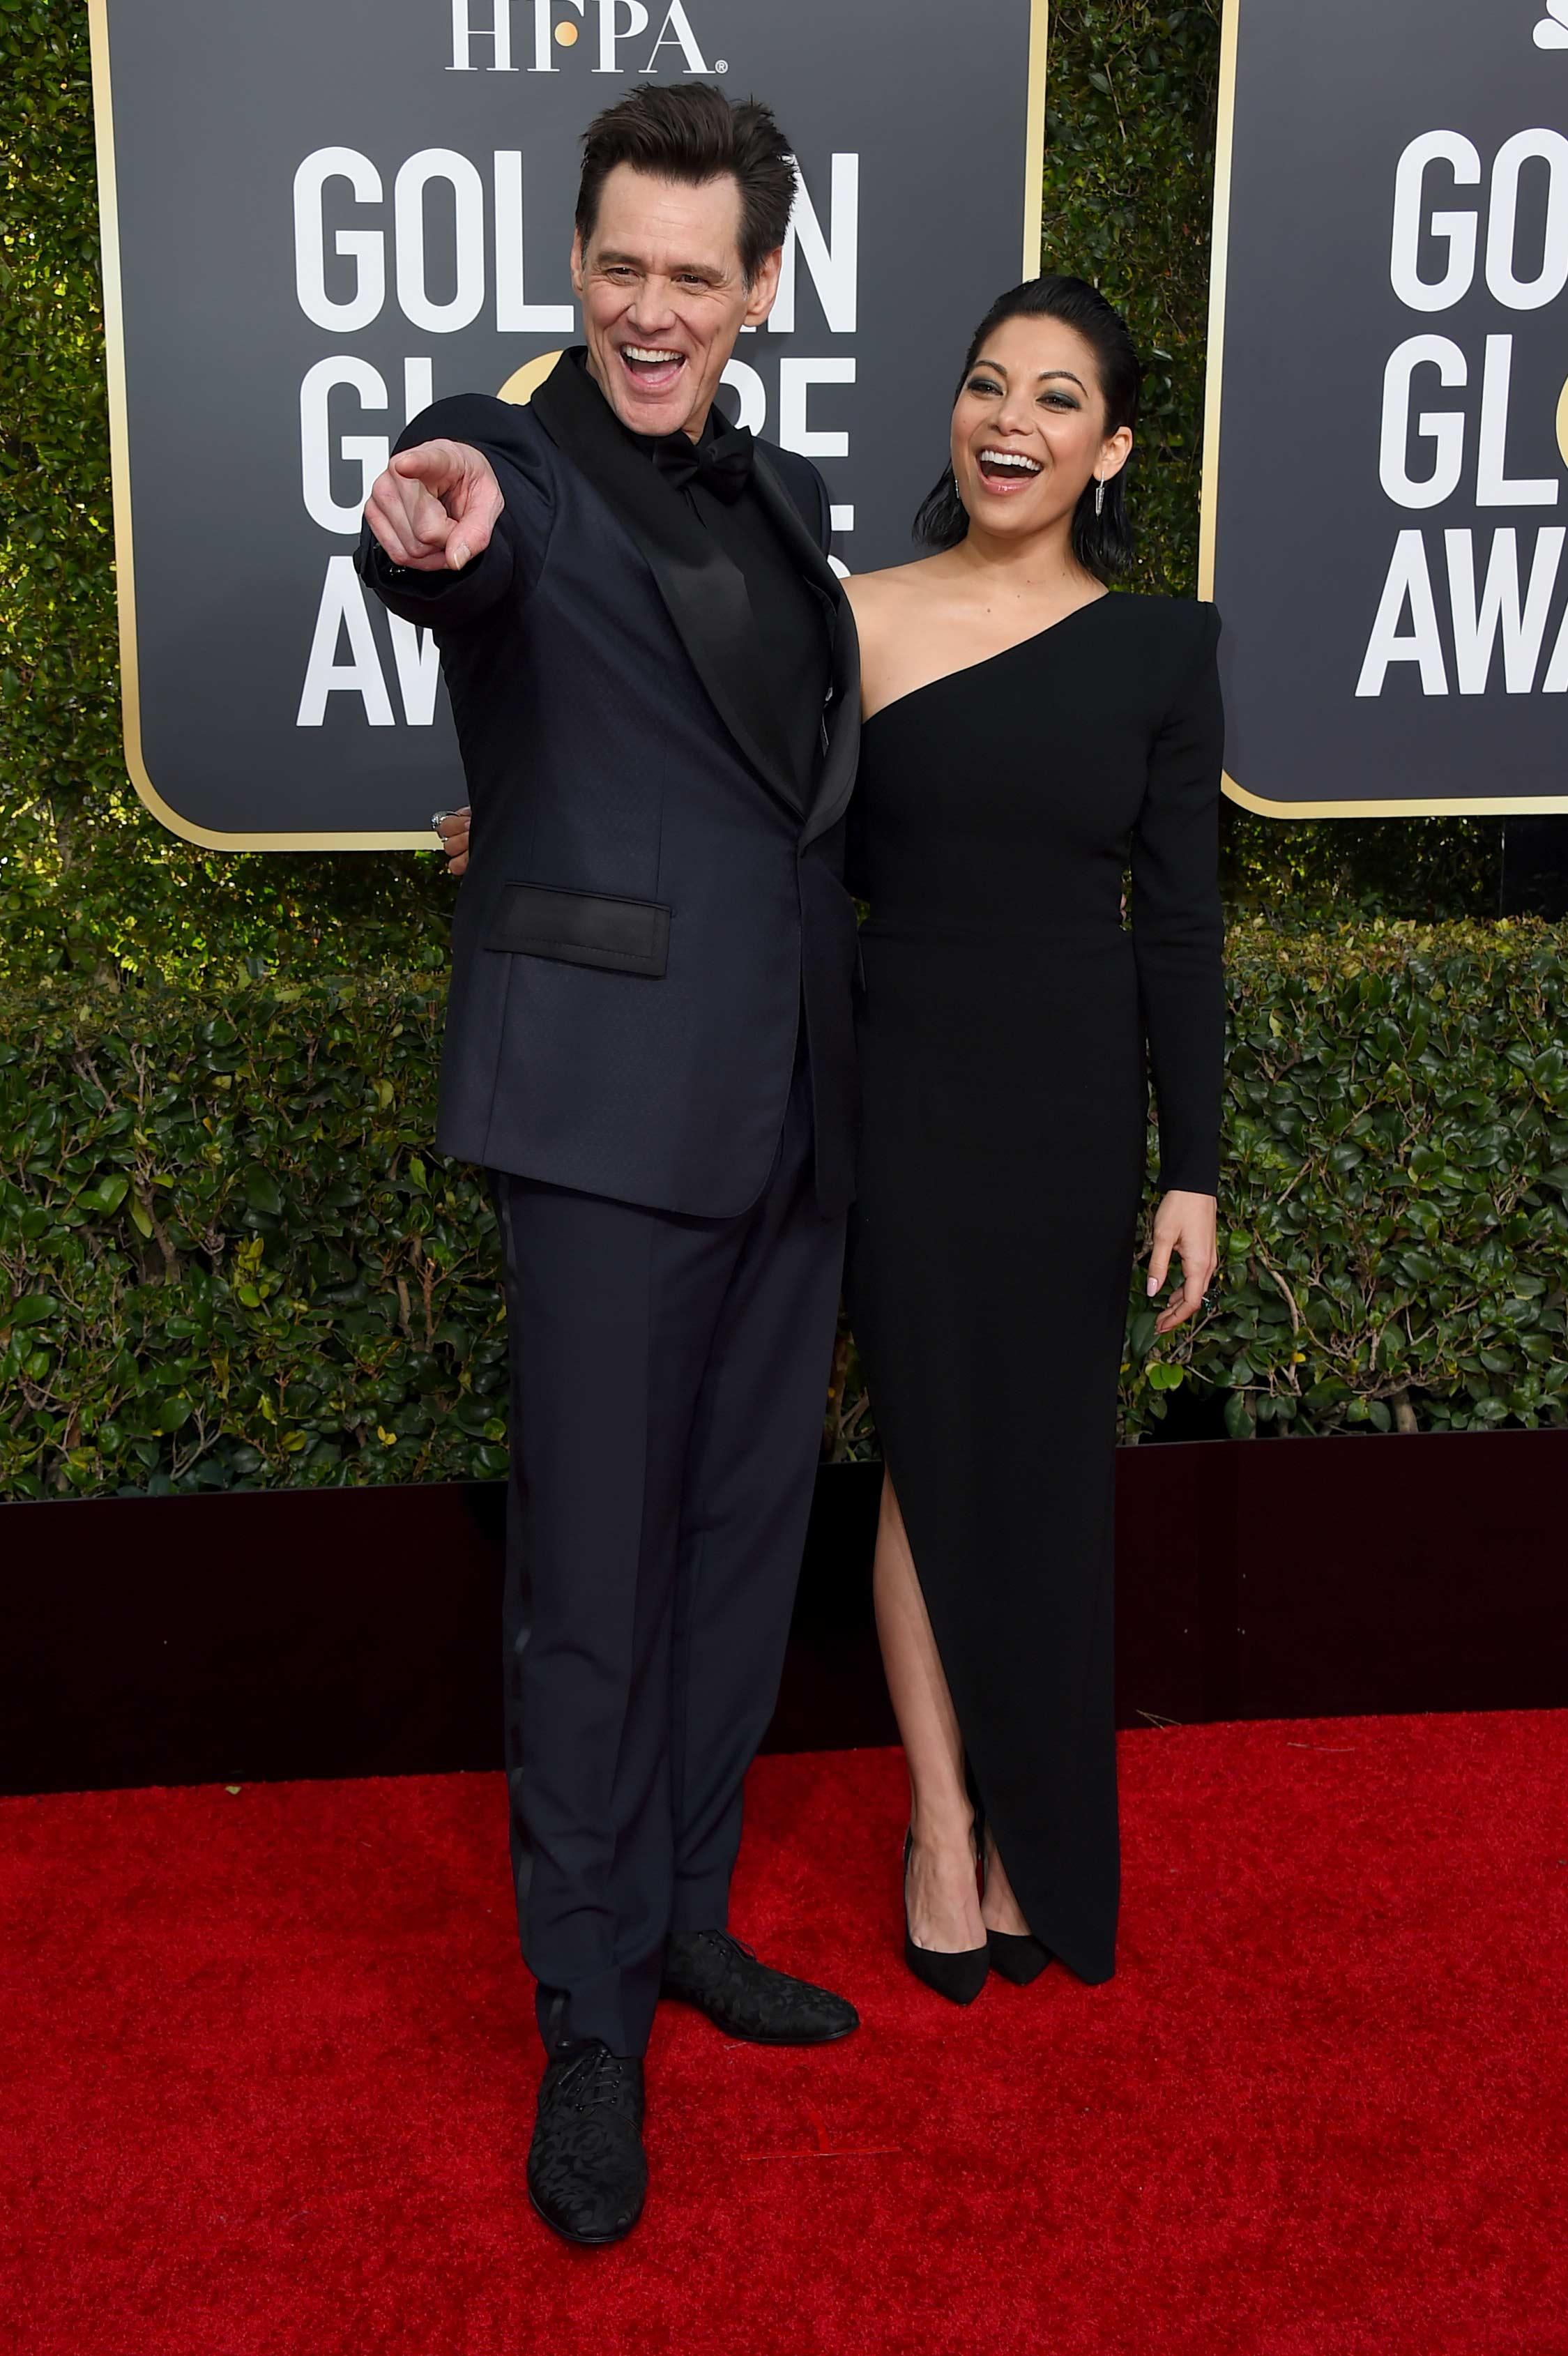 El comediante Jim Carrey presentó en sociedad a su nueva novia, Ginger Gonzaga, de 32 años, en la alfombra roja de los Golden Globe. (foto: AP)